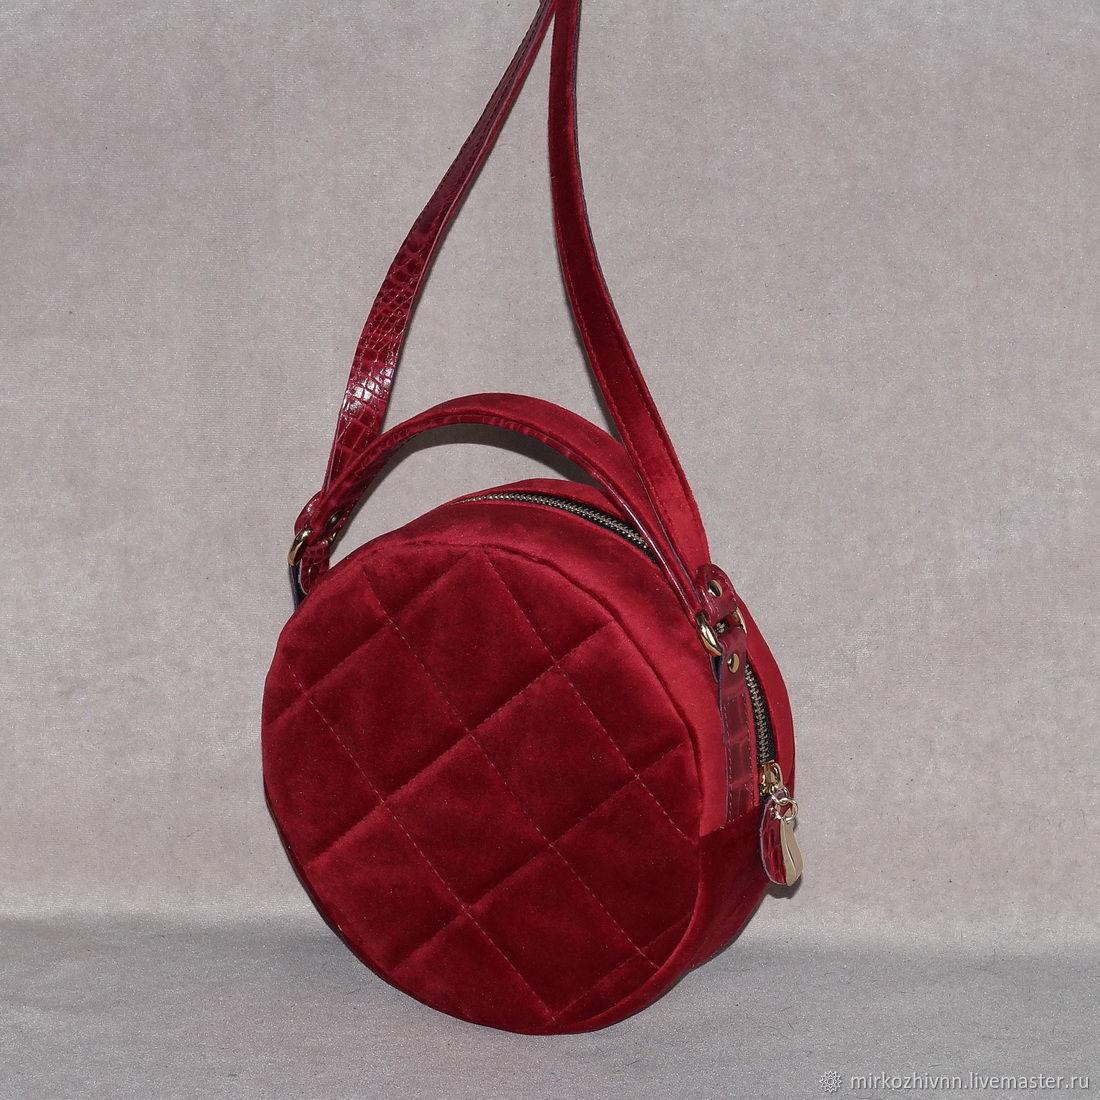 0d4502e42b8d Женские сумки ручной работы. Сумка женская бархатная, сумочка круглая  'Красный бархат'.